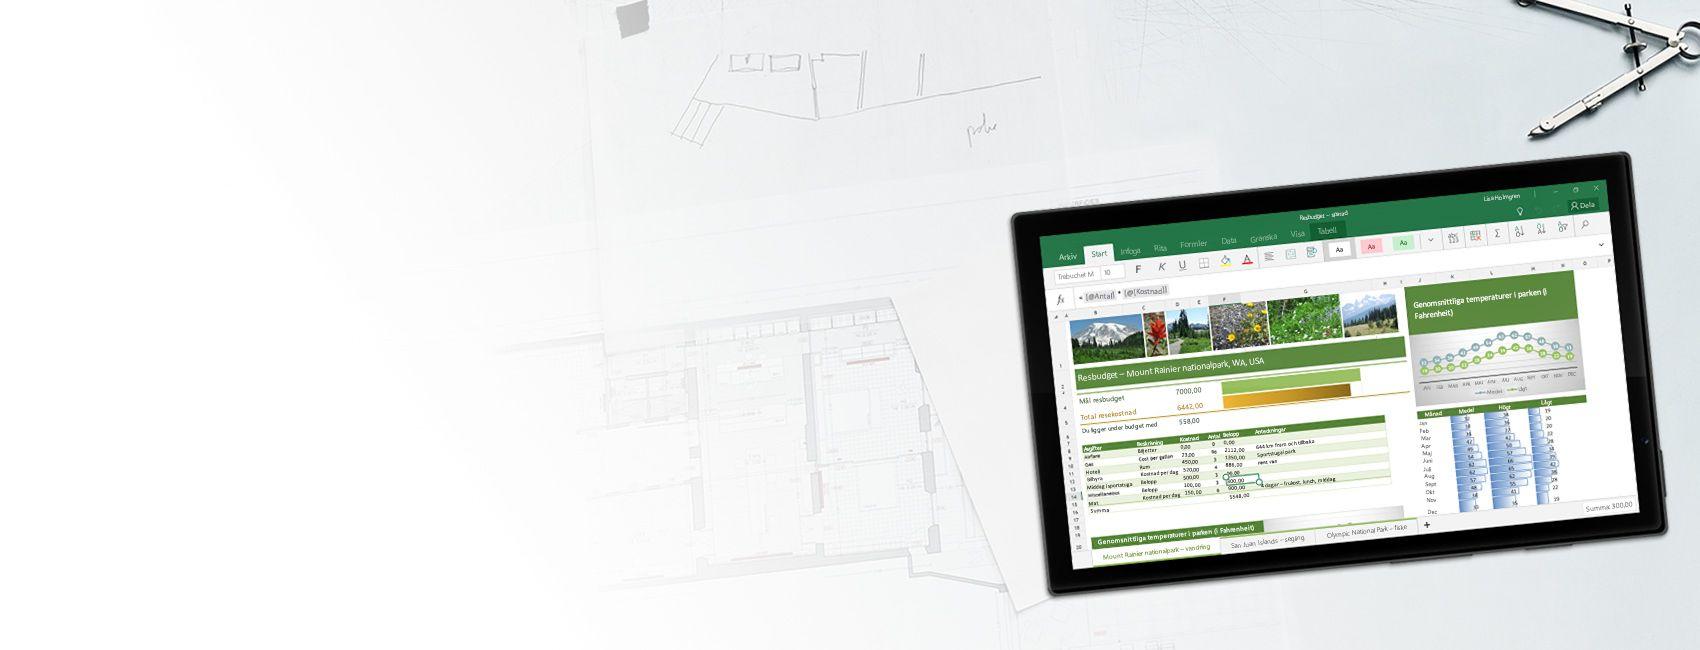 Windows-surfplatta som visar ett Excel-kalkylblad med ett exempeldiagram och en resebudgetrapport i Excel för Windows 10 Mobile